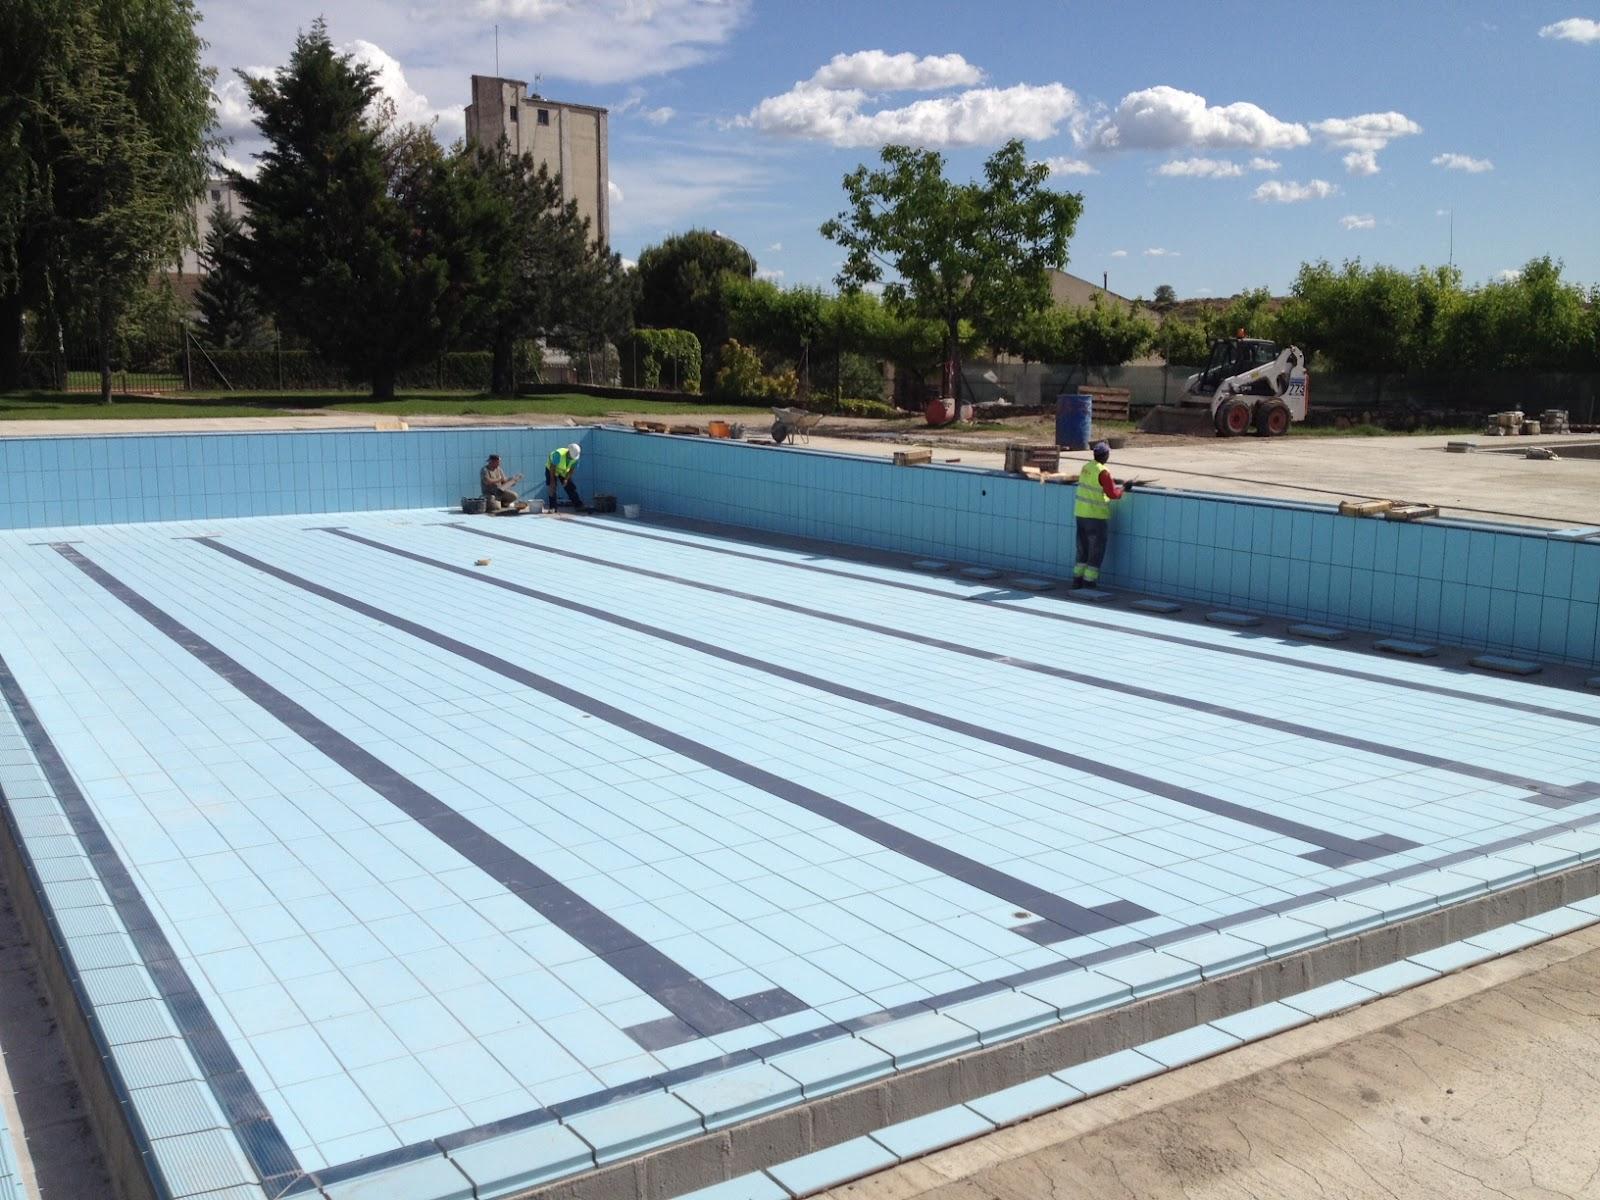 Gres porcelanico para piscinas good pavimento gres for Gres para piscinas